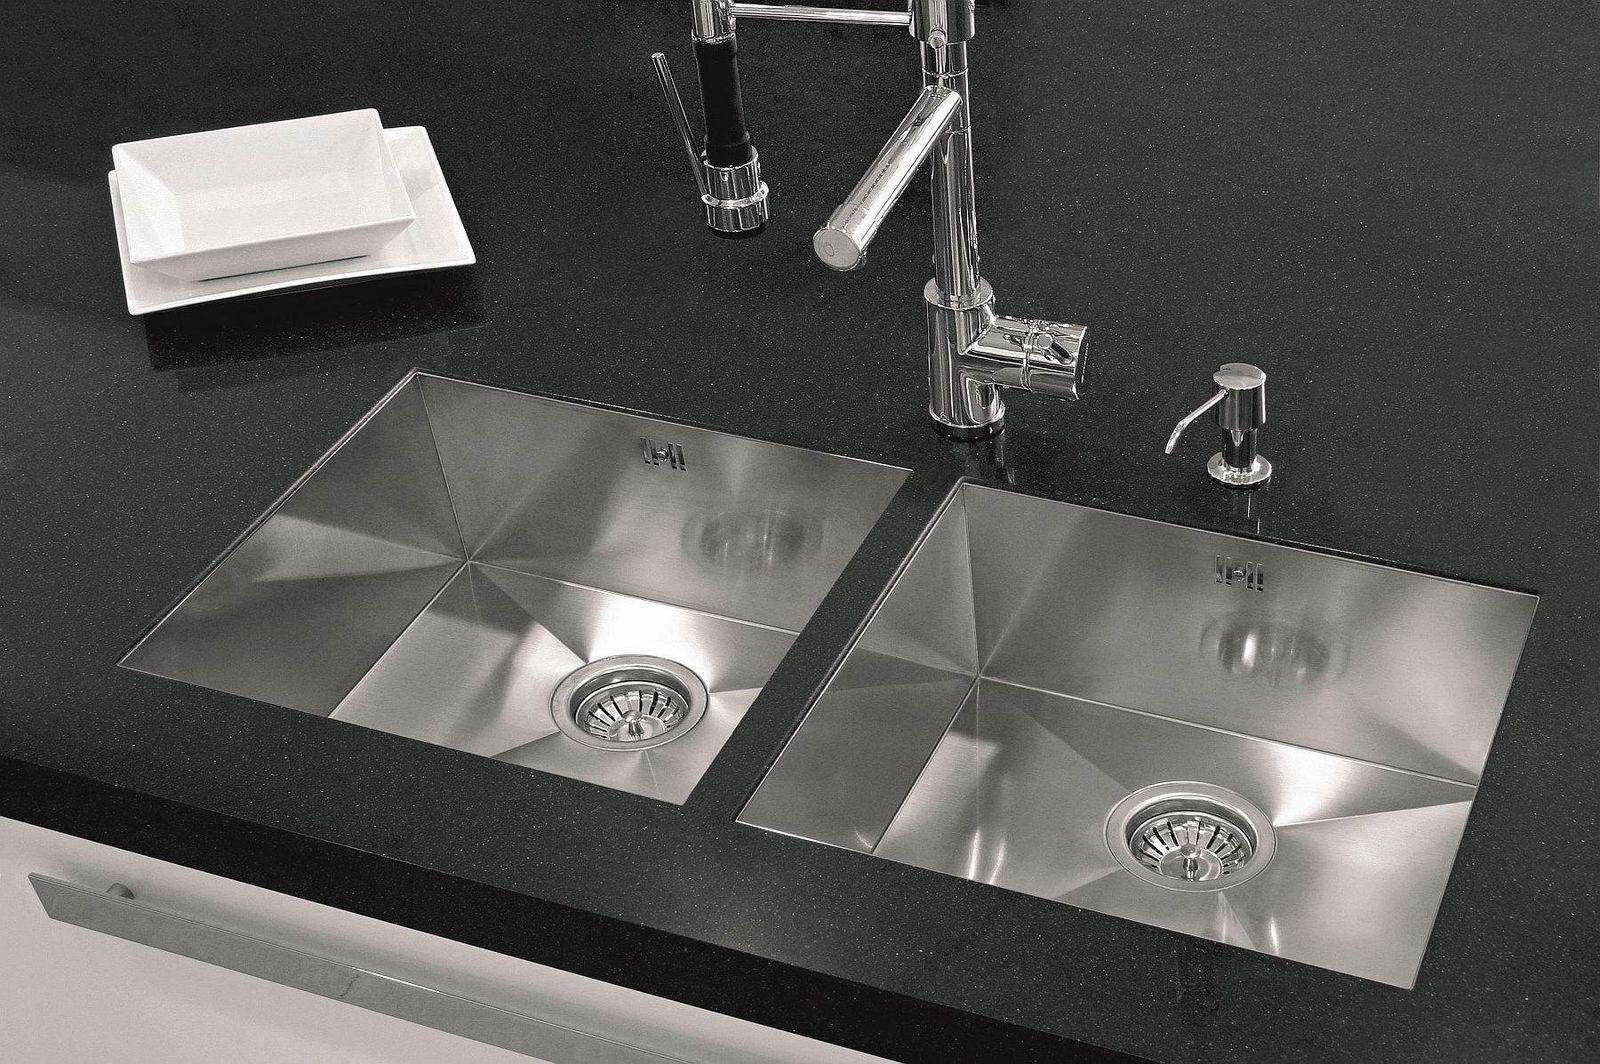 Großartig Billige Küchenspülen Unterbau Ideen - Küche Set Ideen ...